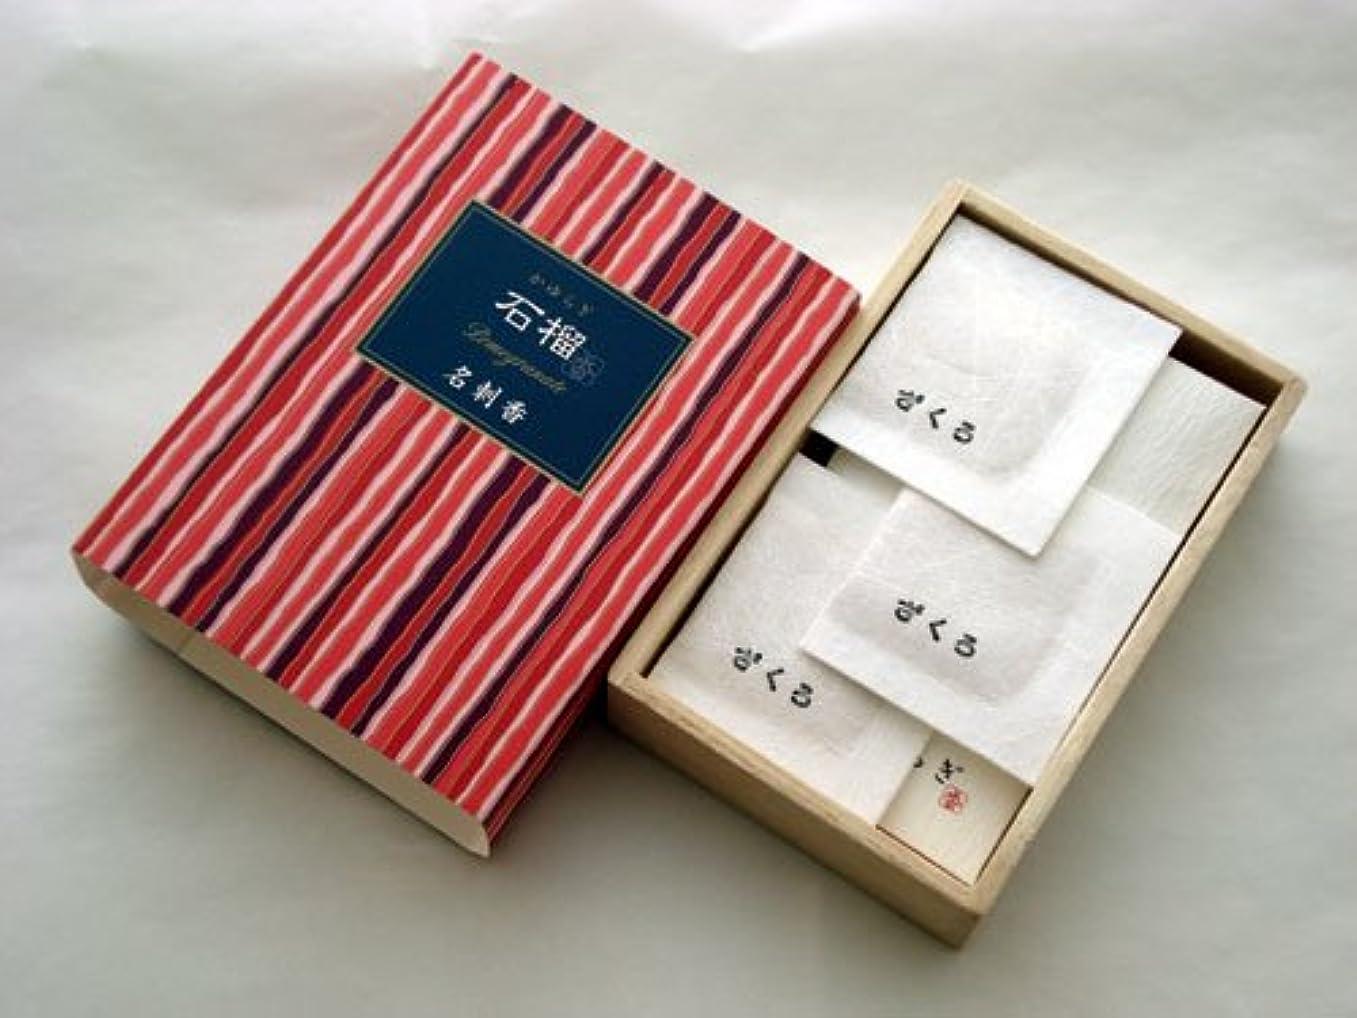 関与する虫スケッチかゆらぎ 石榴(ざくろ) 名刺香 桐箱6入